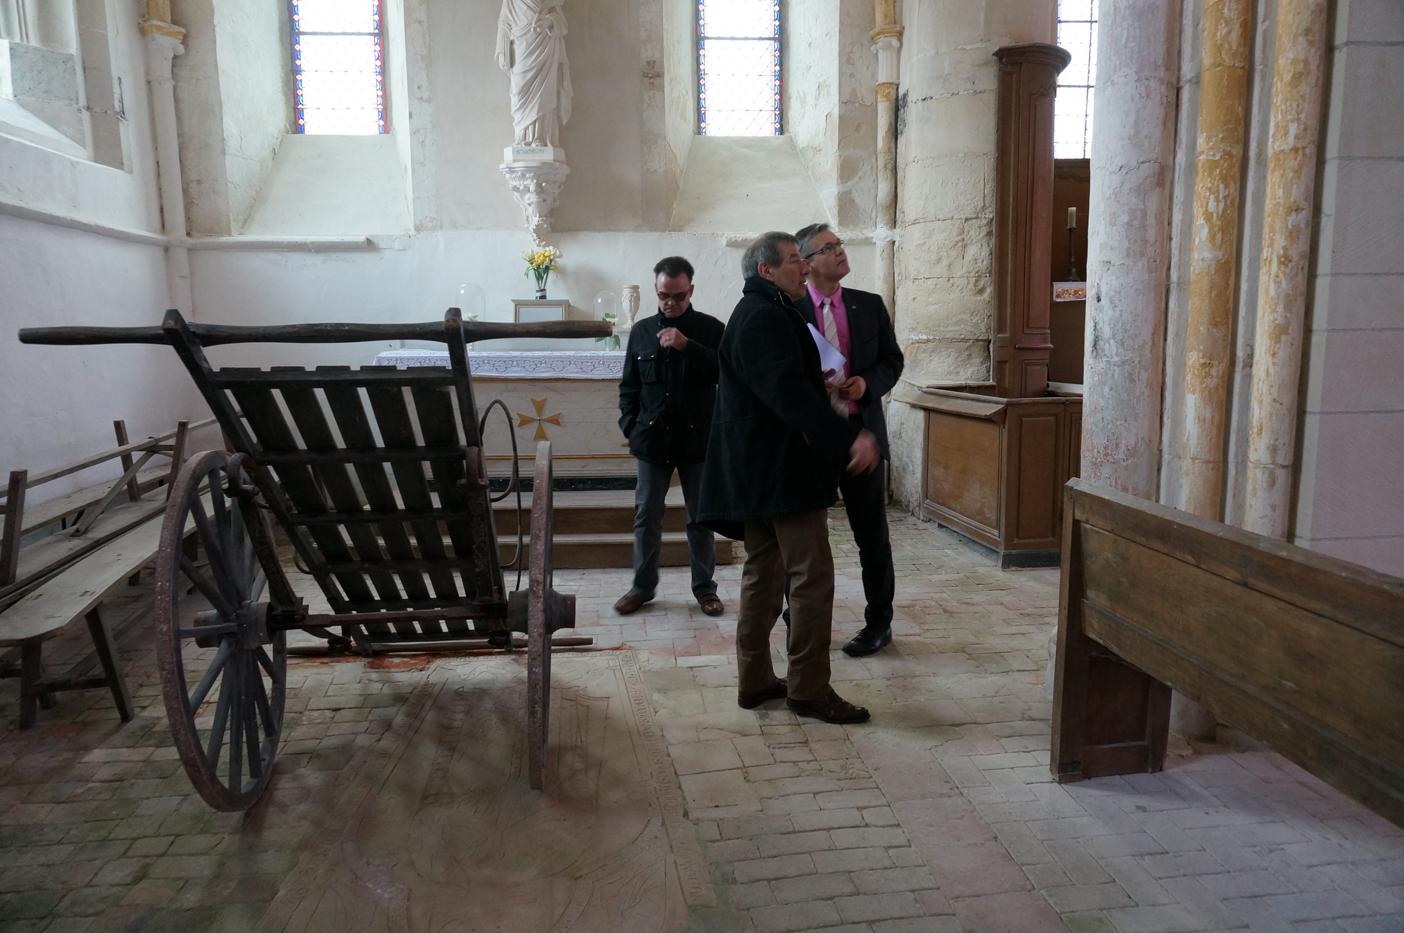 Visite de l'église Saint-Barthélémy à Baulne-en-Brie